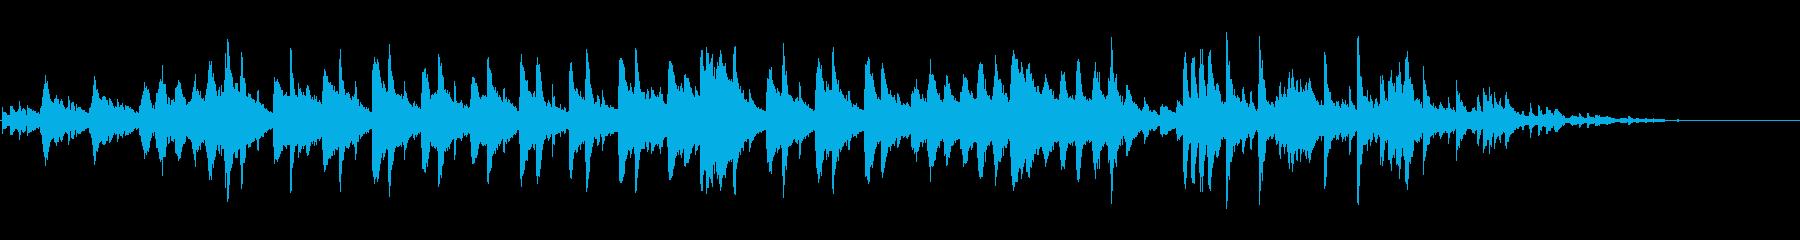 チャイコフスキー ピアノ協奏曲 第1番の再生済みの波形